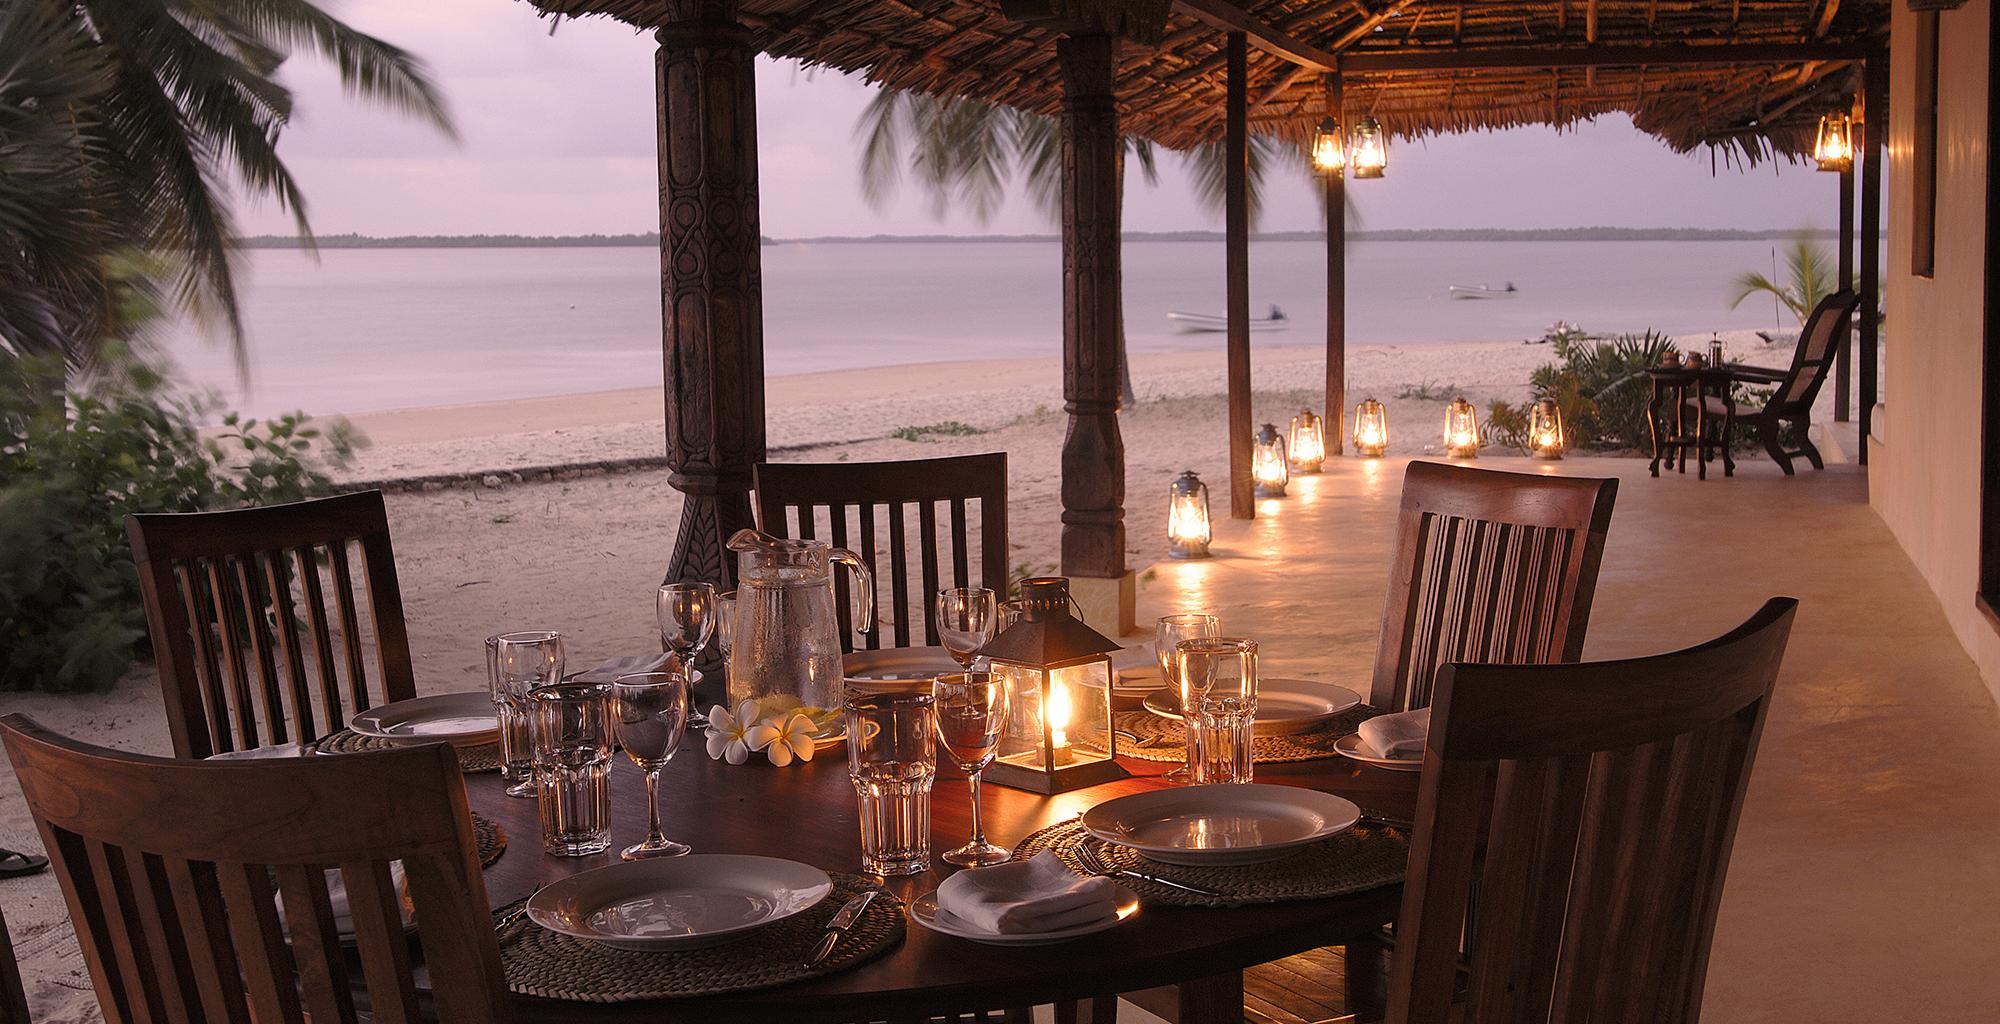 Kenya-Kizingoni-Villa-Outdoor-Dining